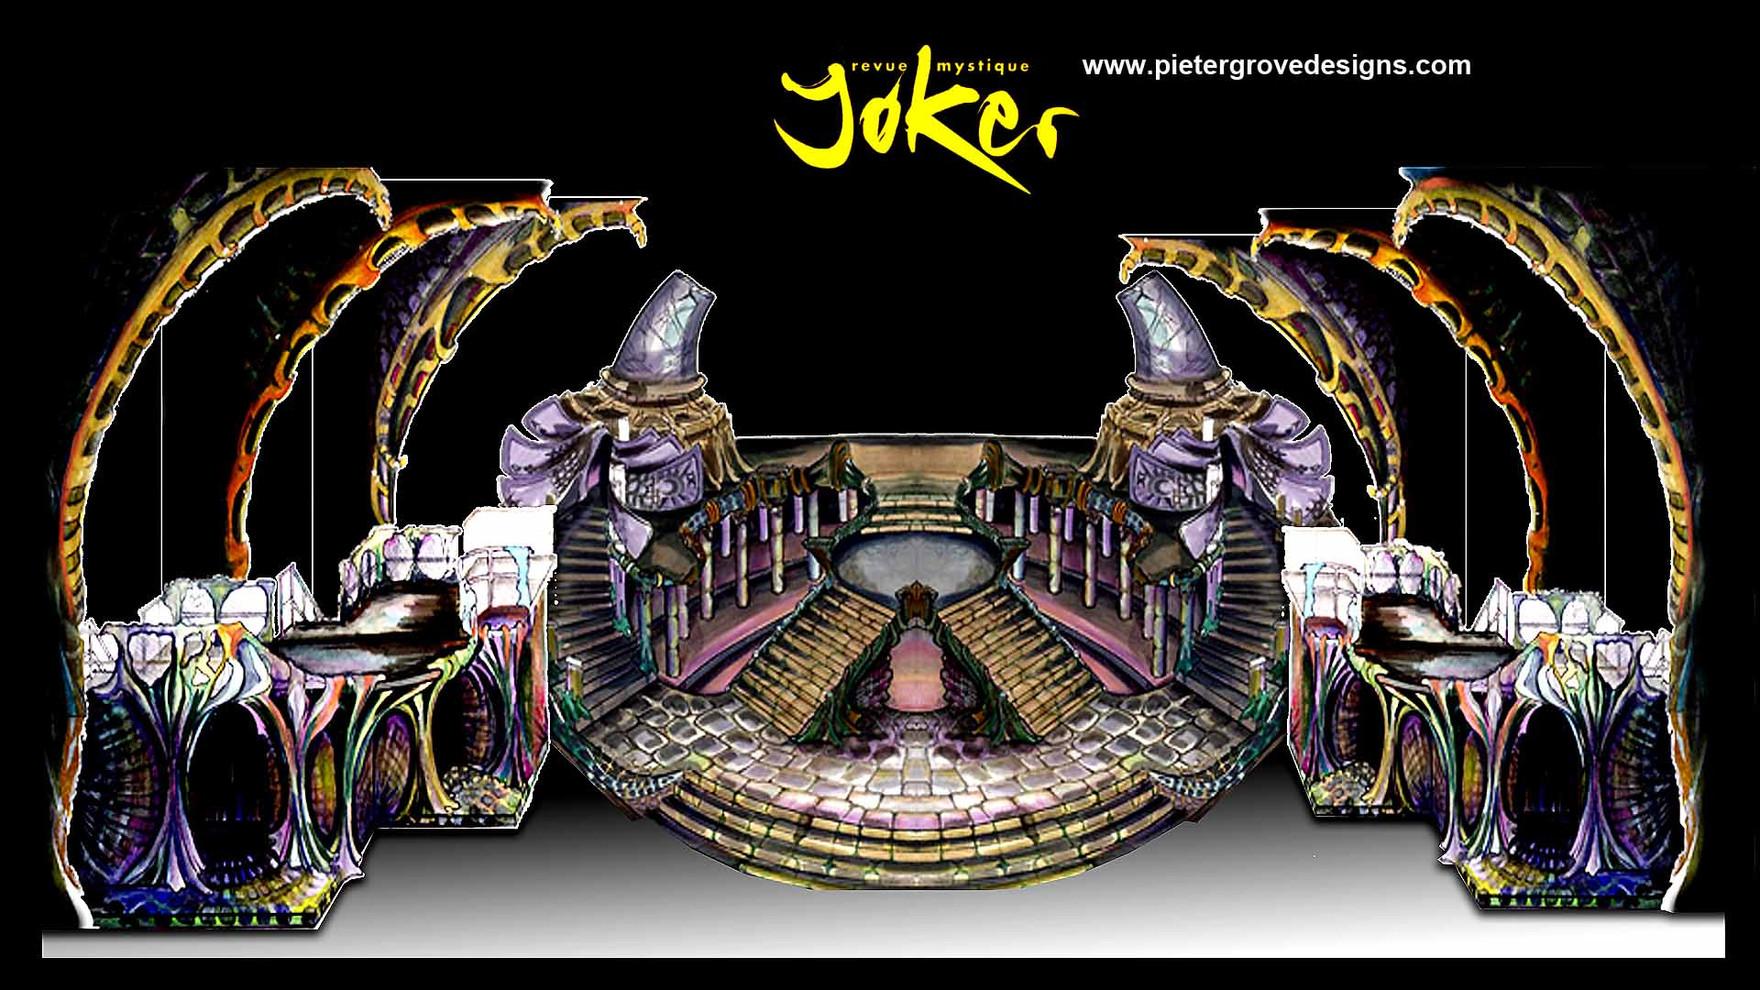 Joker Scenic Design_web.jpg